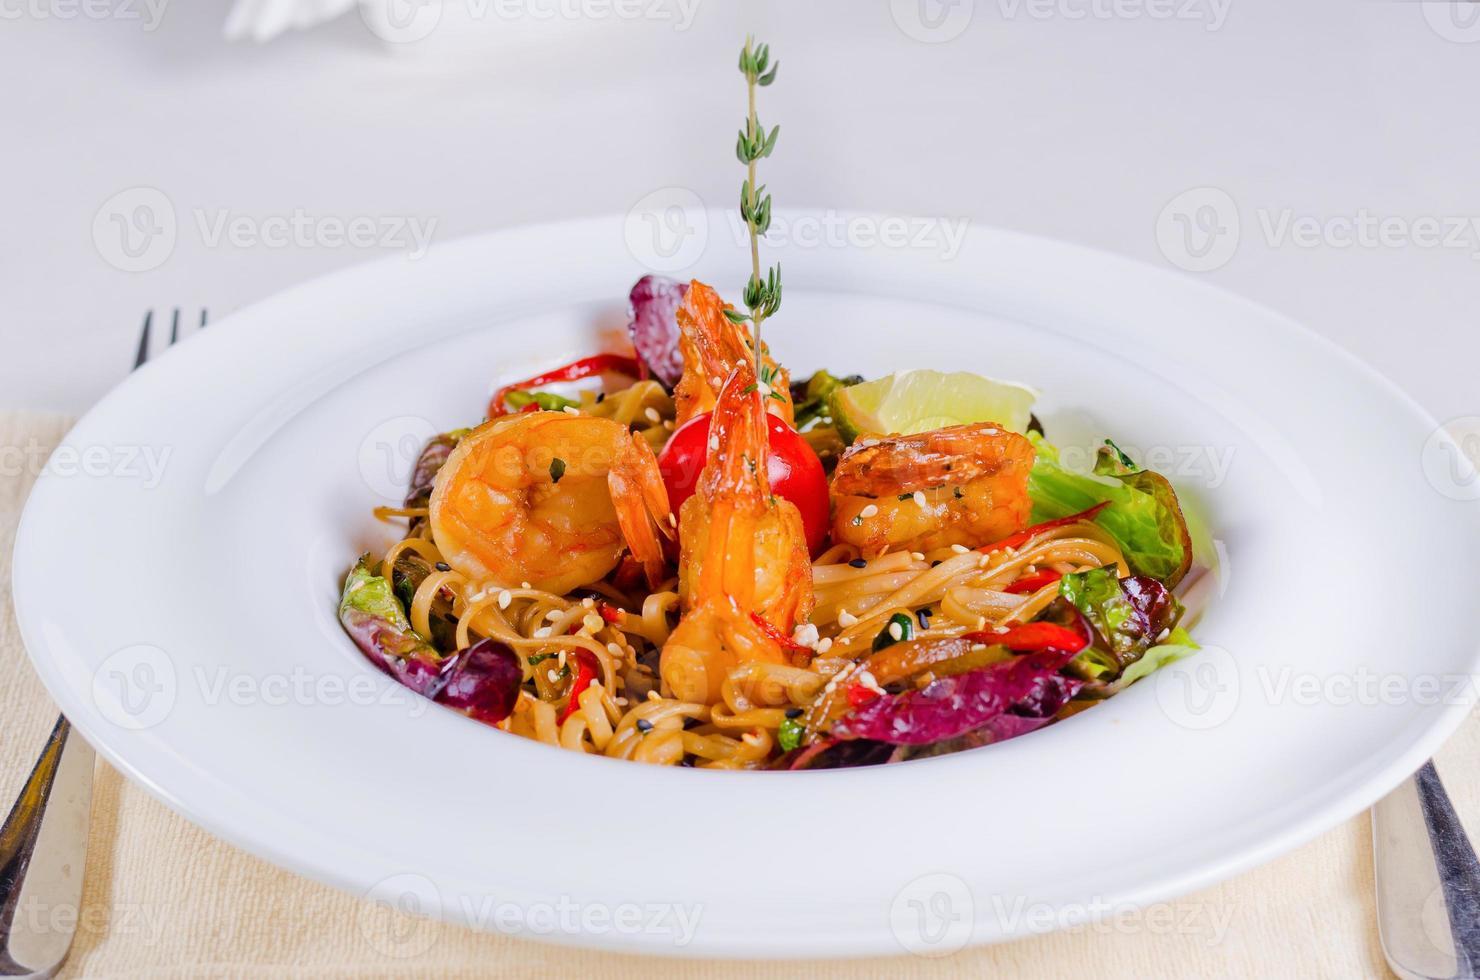 speciaal pastarecept met garnalen en groenten foto